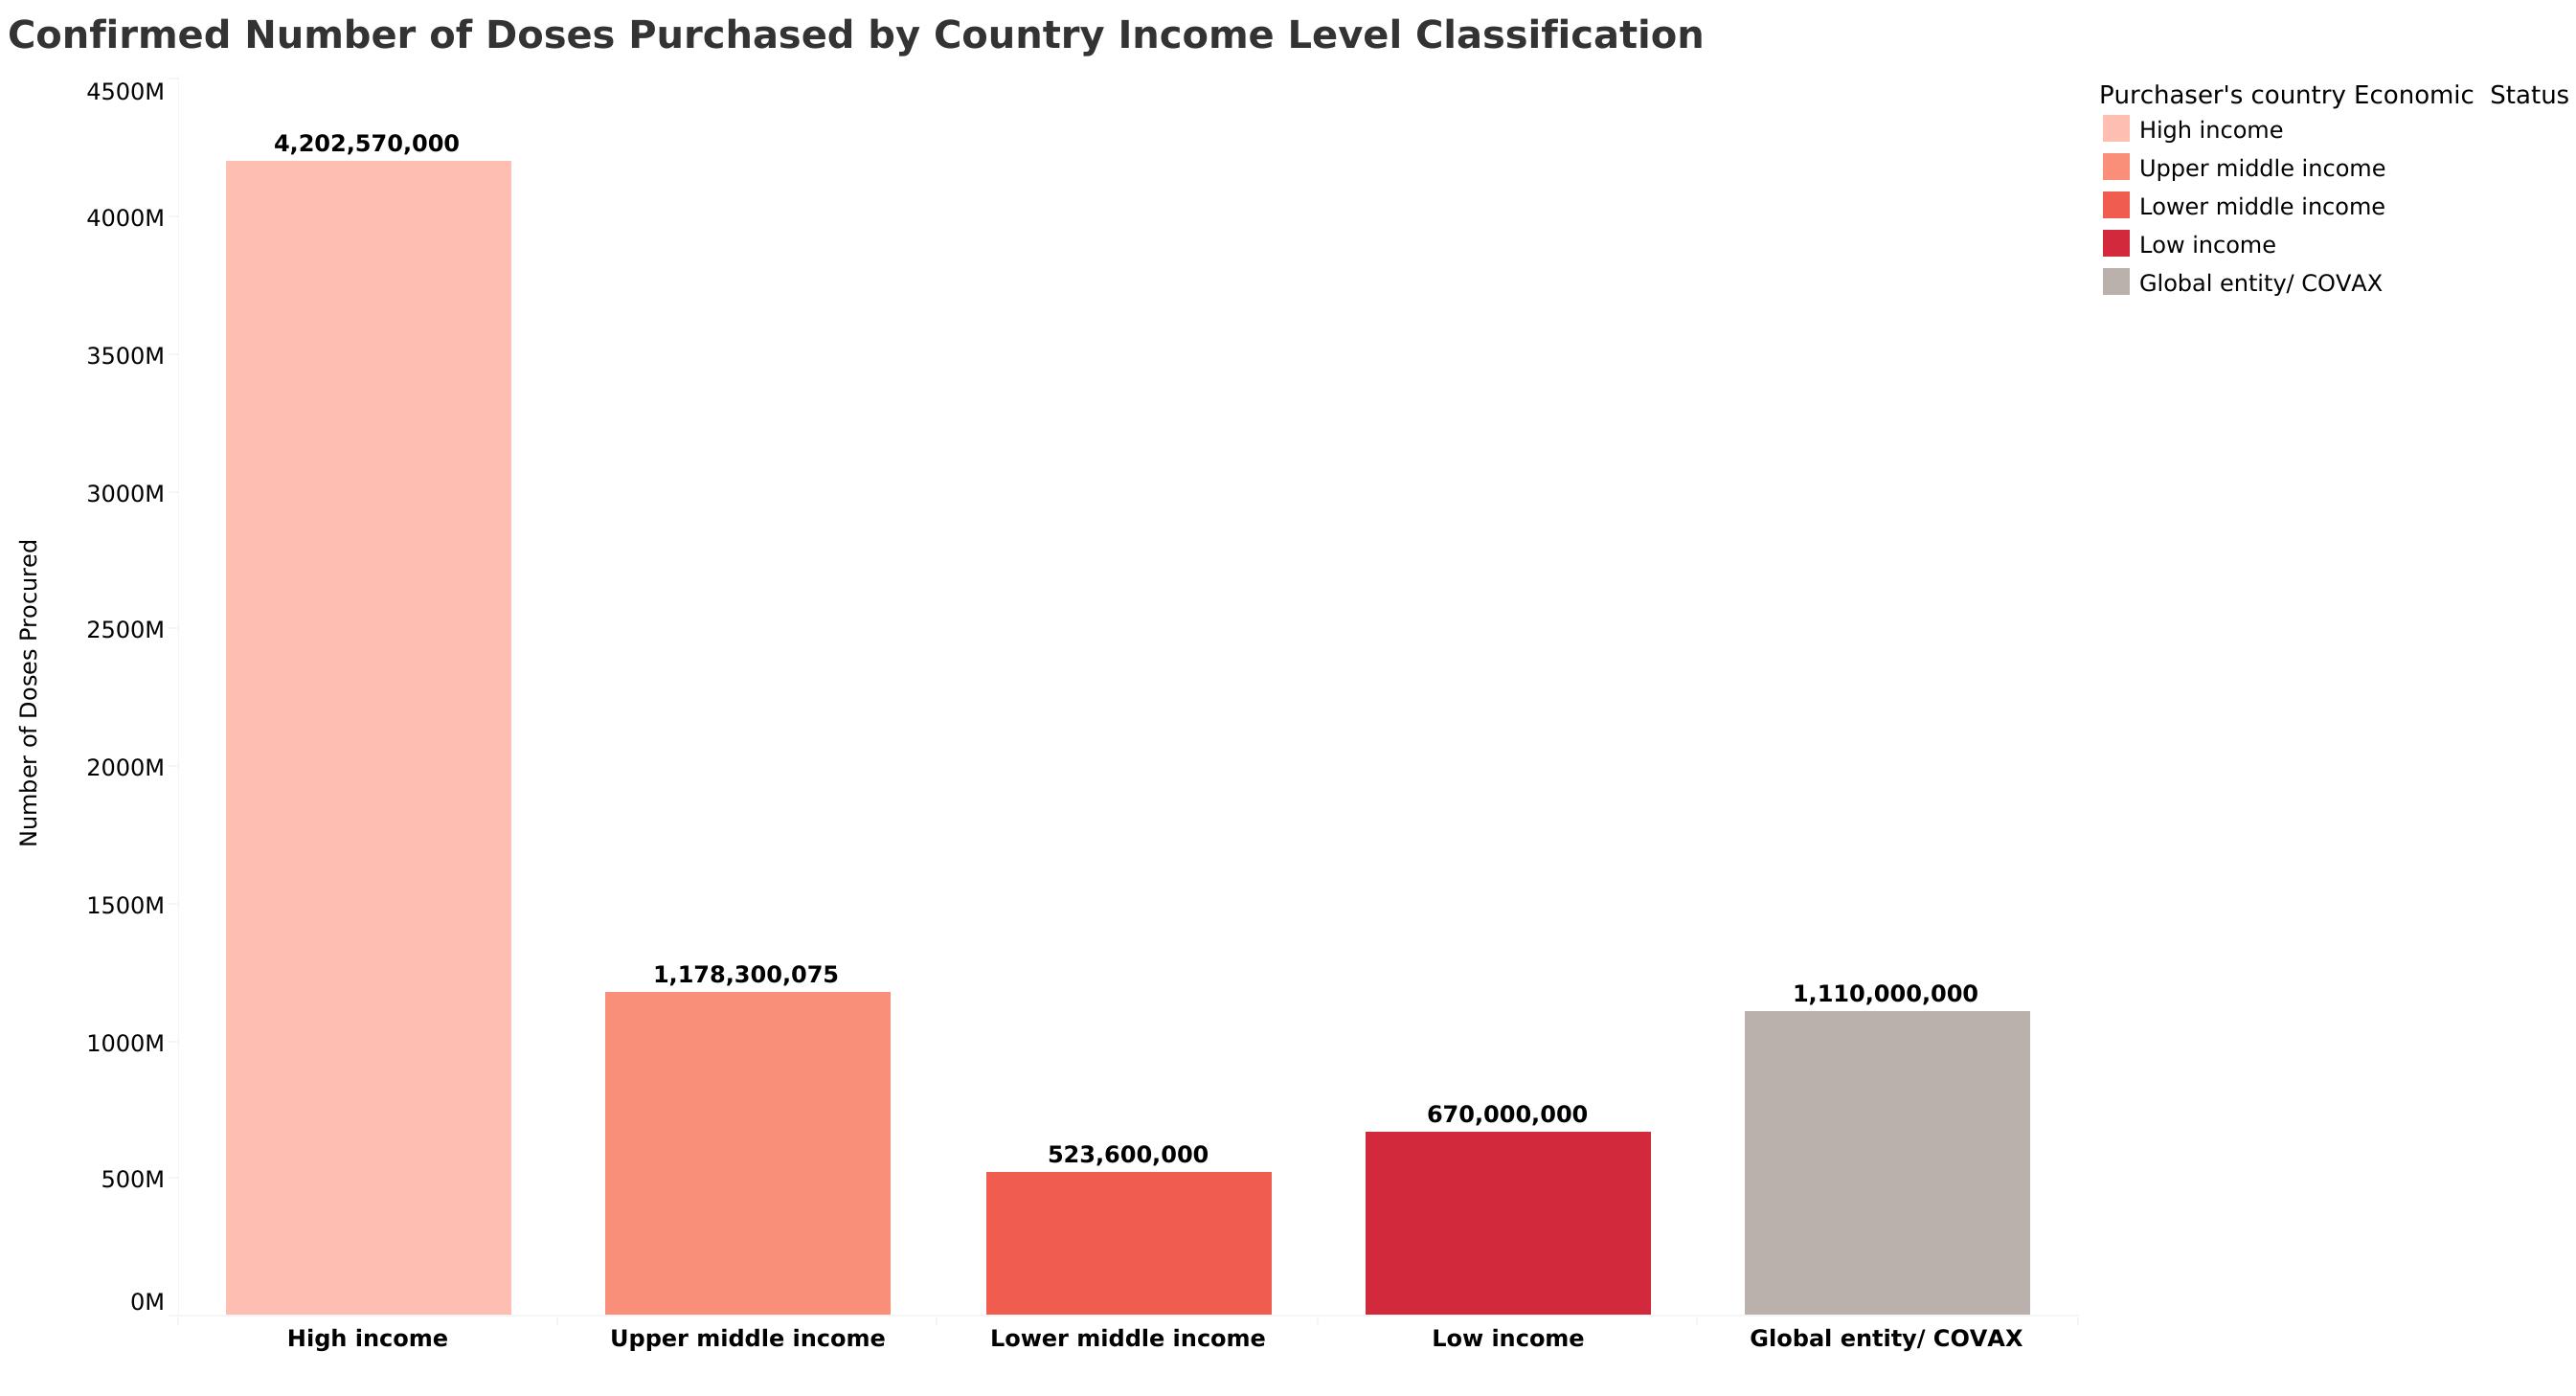 Nivel de ingresos del país: dosis confirmadas